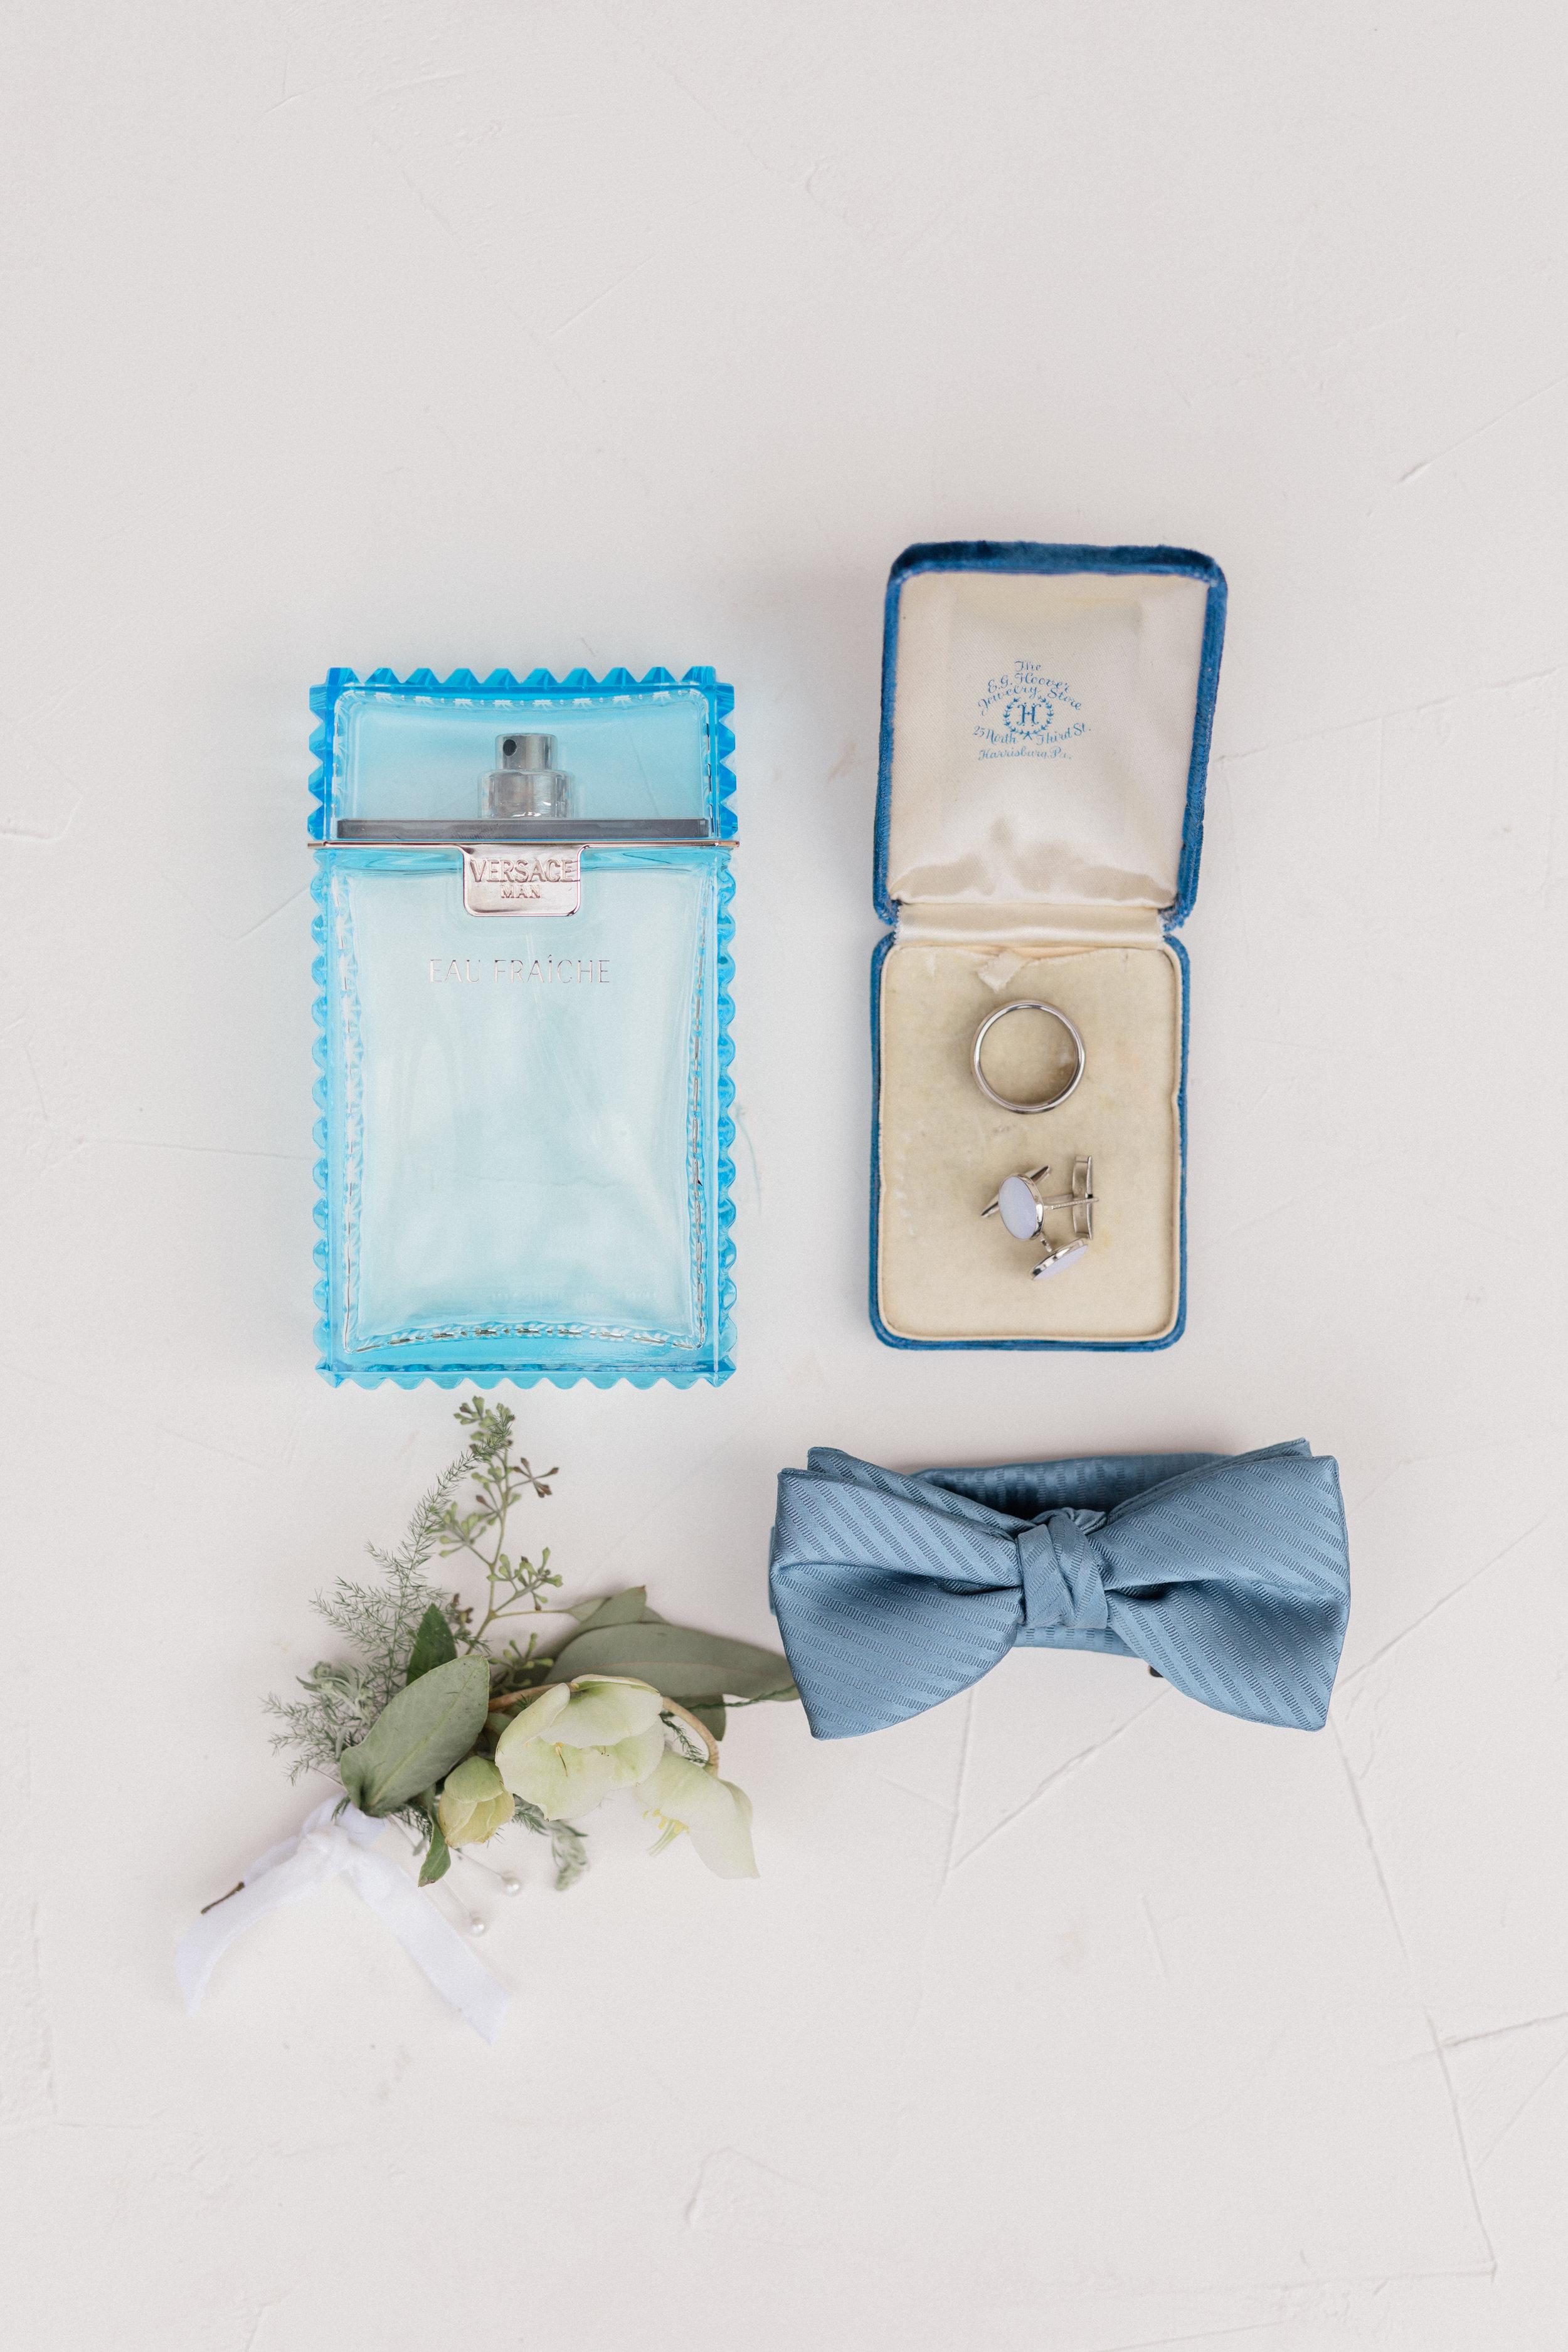 groomsweddingdaydetail